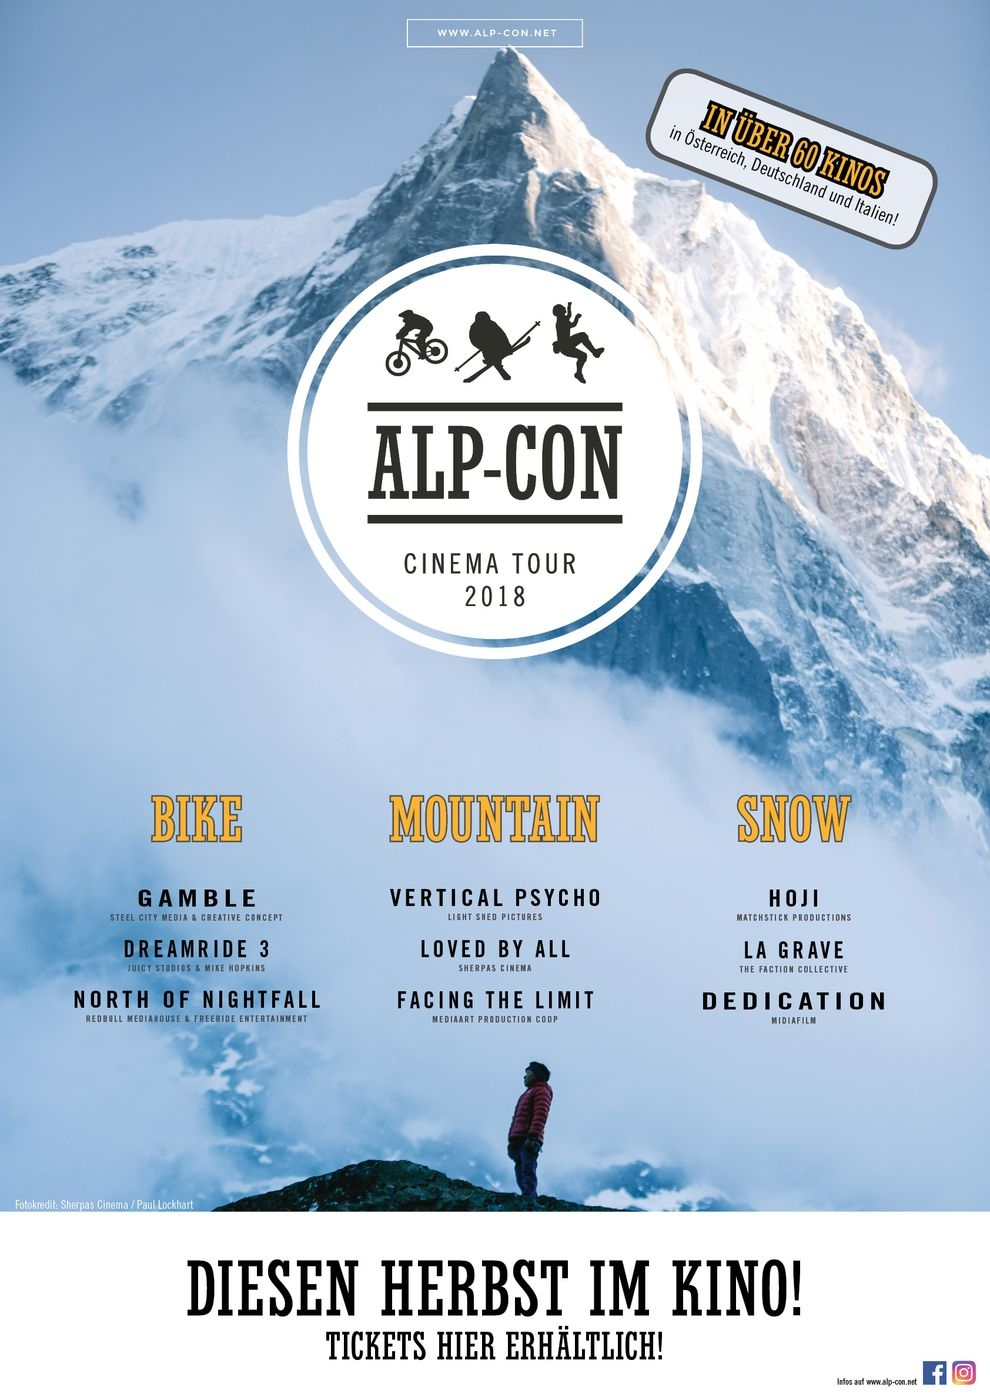 Alp-Con CinemaTour 2018: MOUNTAIN (Poster)